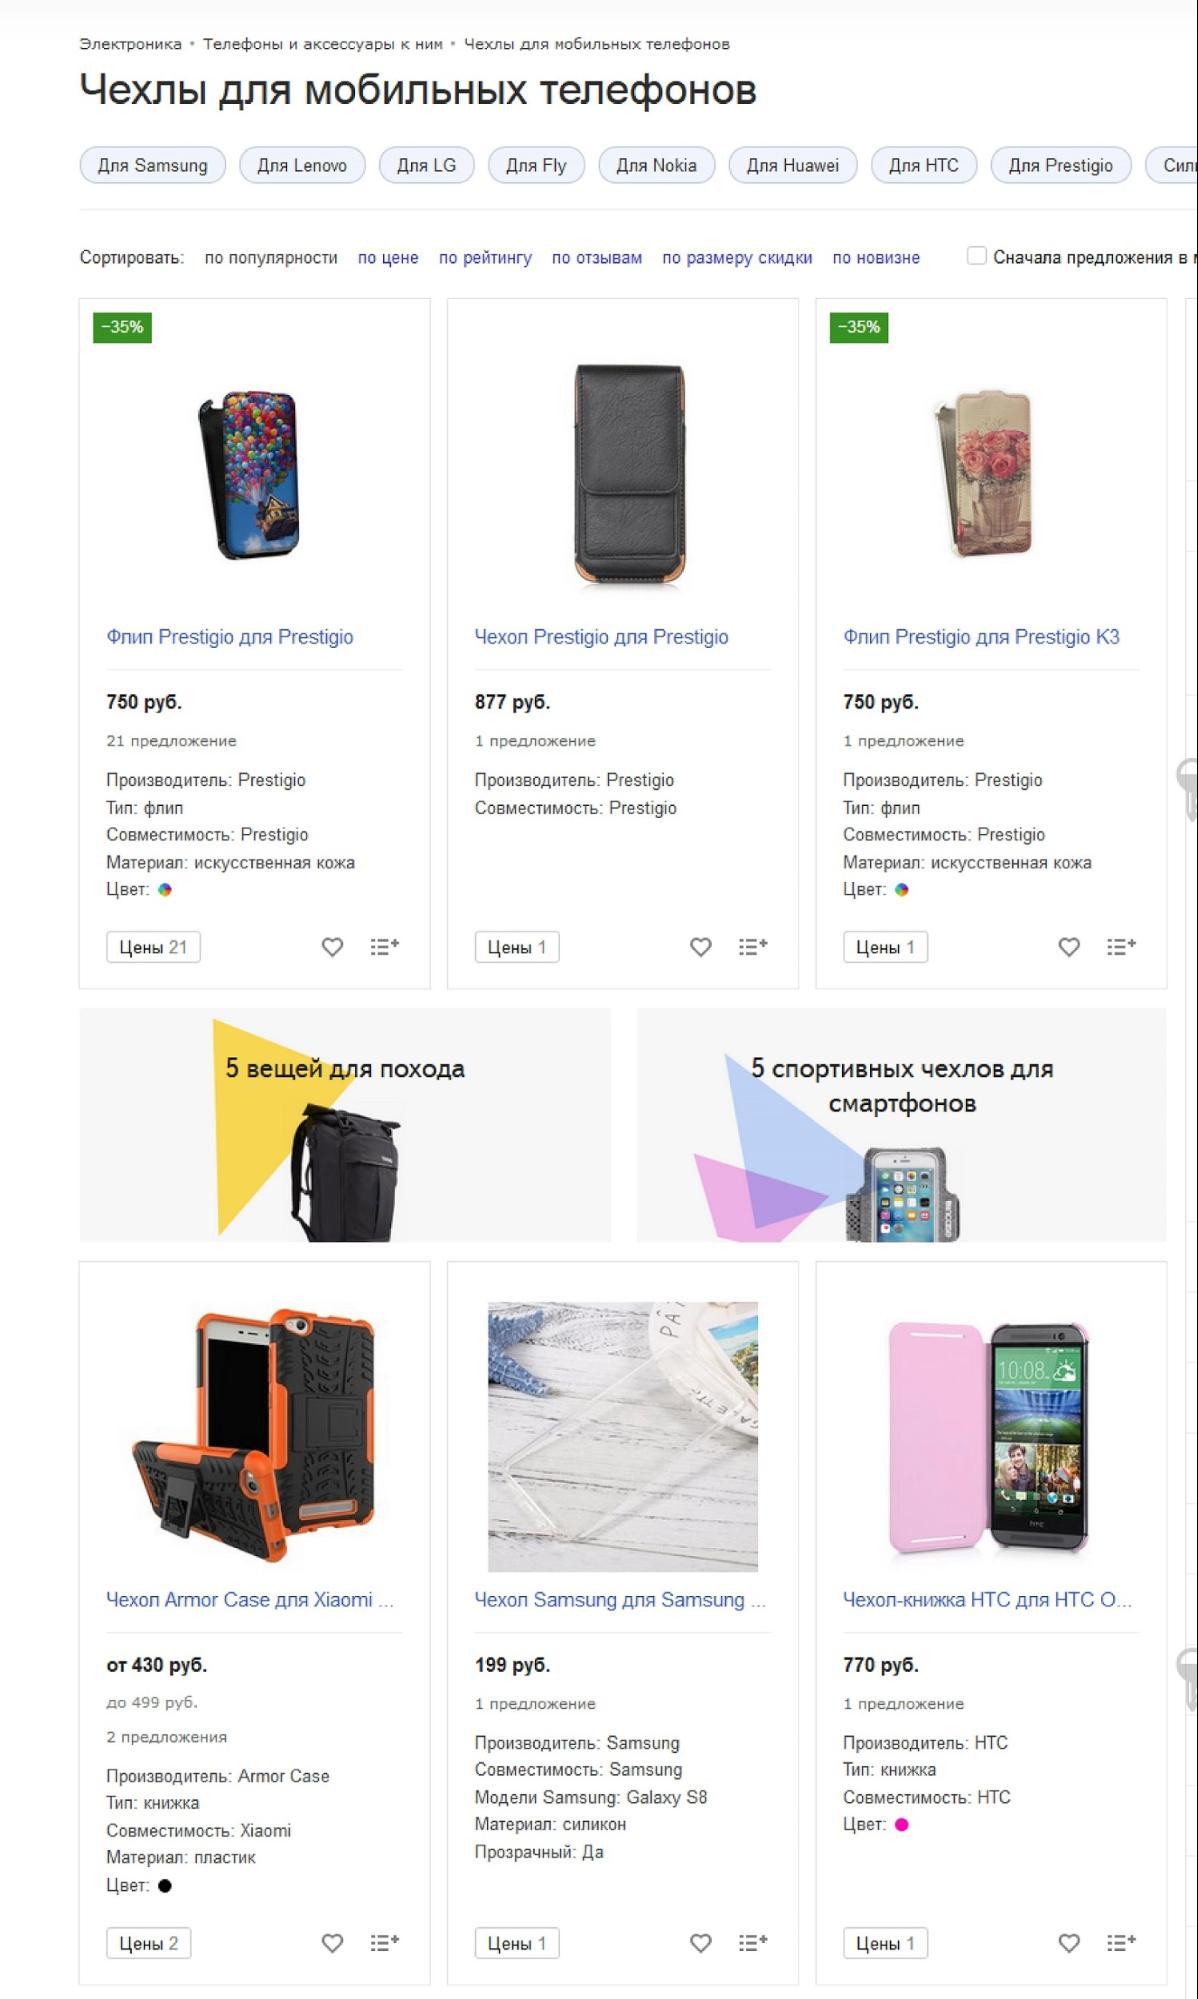 Сверху находятся карточки товаров, которые чаще покупают